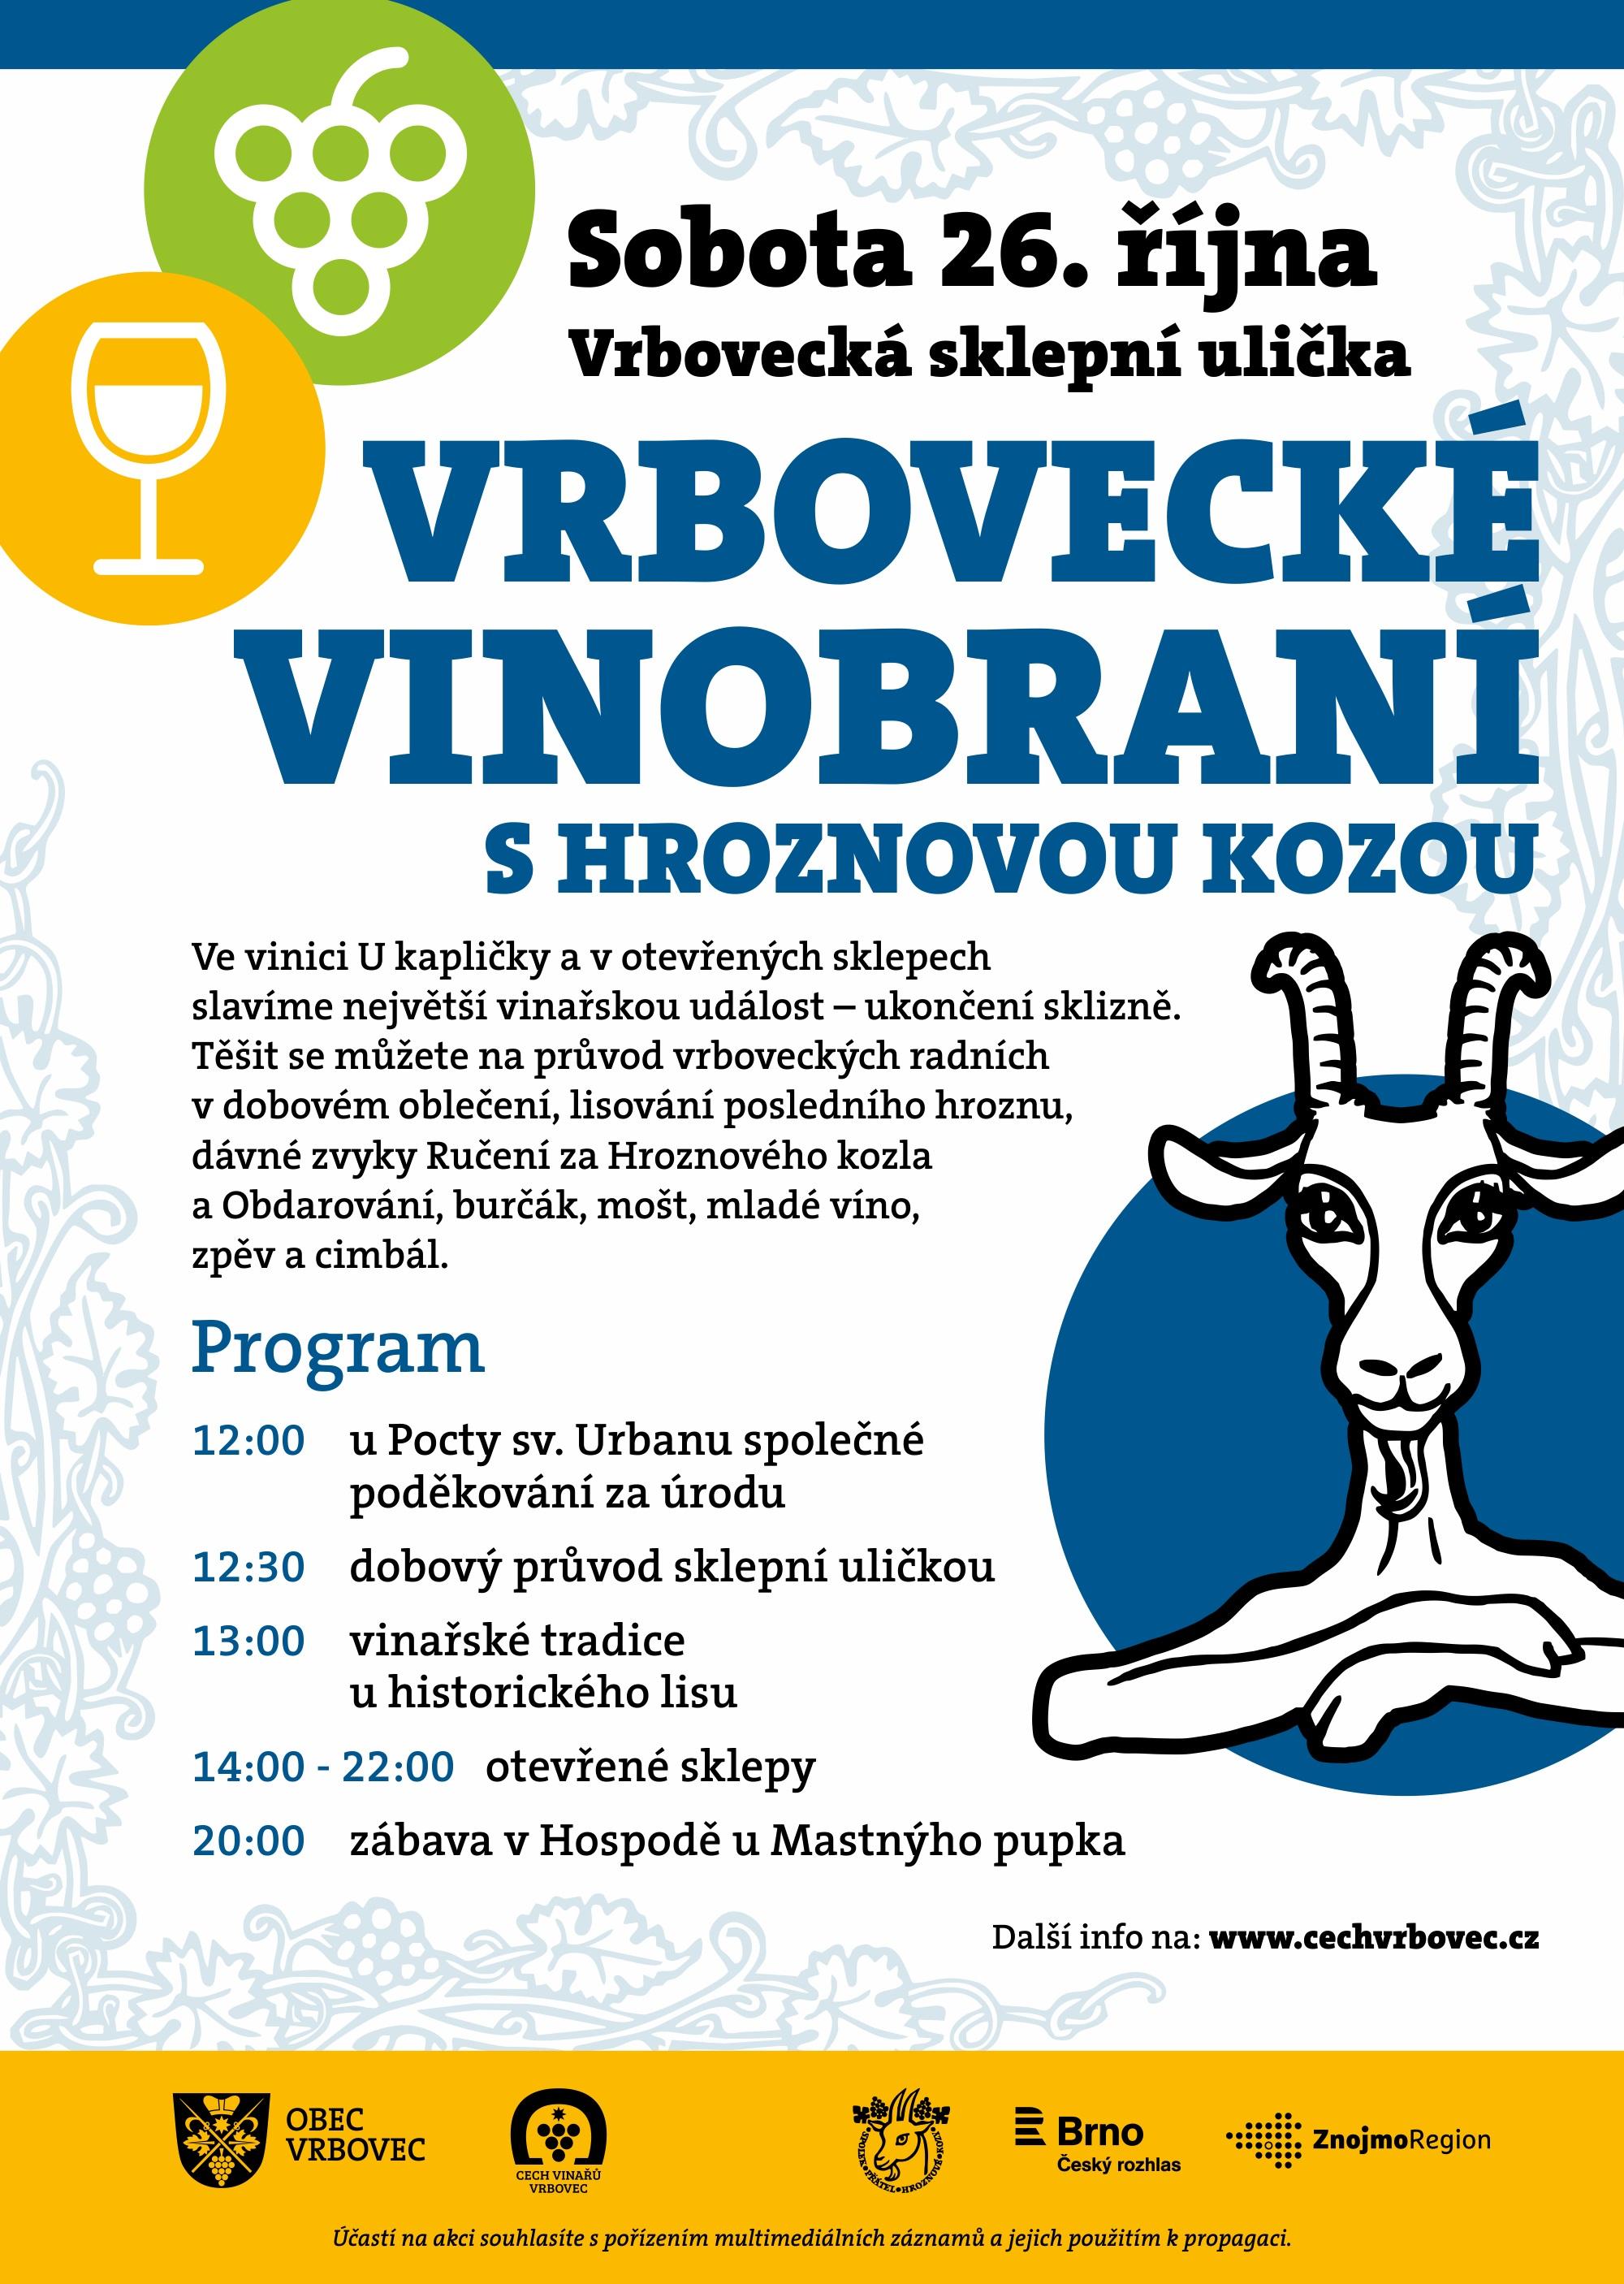 Vrbovec_vinobrani_A3_03